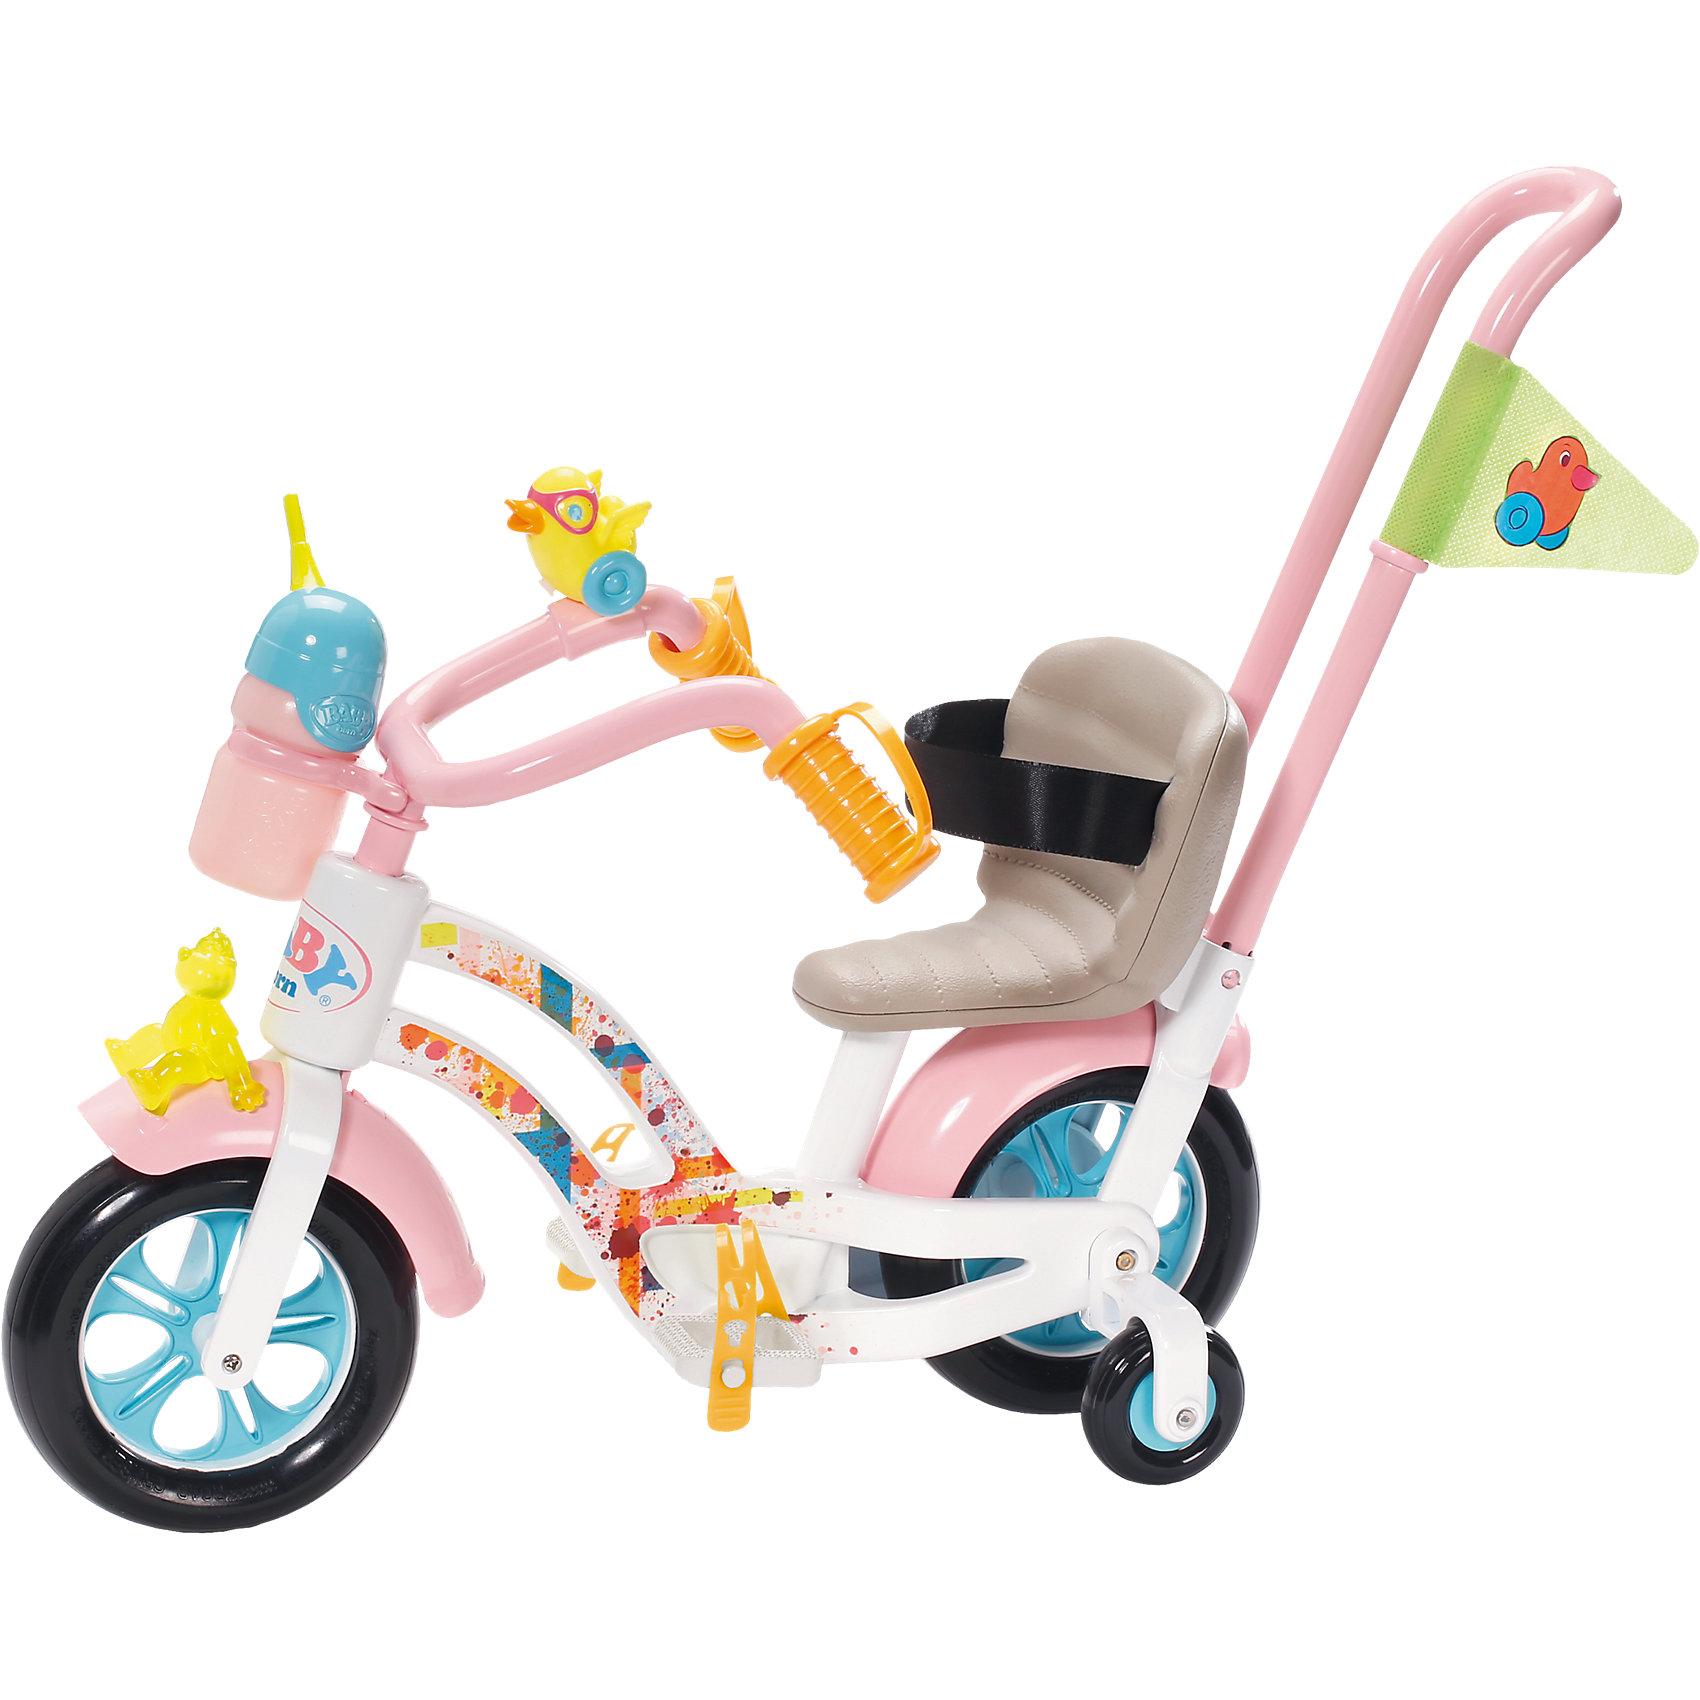 Велосипед, BABY bornБренды кукол<br>Велосипед, BABY born<br><br>Характеристики:<br><br>• В набор входит: велосипед, съёмная ручка, бутылочка, клаксон<br>• Состав: пластик, металл<br>• Размер упаковки: 40,5 * 20,5 * 35,6 см.<br>• Тип батареек: 3 x AAA / LR0.3 1.5V (мизинчиковые)<br>• Наличие батареек: входят в комплект<br>• Вес: 1200 г.<br>• Для детей в возрасте: от 3 лет<br>• Страна производитель: Китай <br><br>С новым велосипедом ребёнок сможет продолжать свои игры, делая их ещё веселее. Игрушечный велосипед выглядит как настоящий, кукла застёгивается на ремень-липучку в удобном кресле и её легко сажать на велосипед. Благодаря двум основным колёсам и трём дополнительным велосипед отлично держит равновесие. Стильный дизайн прекрасно подойдёт любимой кукле. <br><br>Велосипед оснащён звуковыми и световыми эффектами, а также держателем для бутылочки куклы, бутылочка входит в комплект. Задняя ручка-спинка снимается, что позволяет катать куклу за ручку или позволять кукле кататься самой. Это фирменный велосипед для кукол, он подойдёт к любой кукле бренда BABY born (Бейби Бон).<br><br>Велосипед, BABY born можно купить в нашем интернет-магазине.<br><br>Ширина мм: 410<br>Глубина мм: 350<br>Высота мм: 210<br>Вес г: 1113<br>Возраст от месяцев: 36<br>Возраст до месяцев: 60<br>Пол: Женский<br>Возраст: Детский<br>SKU: 5031513